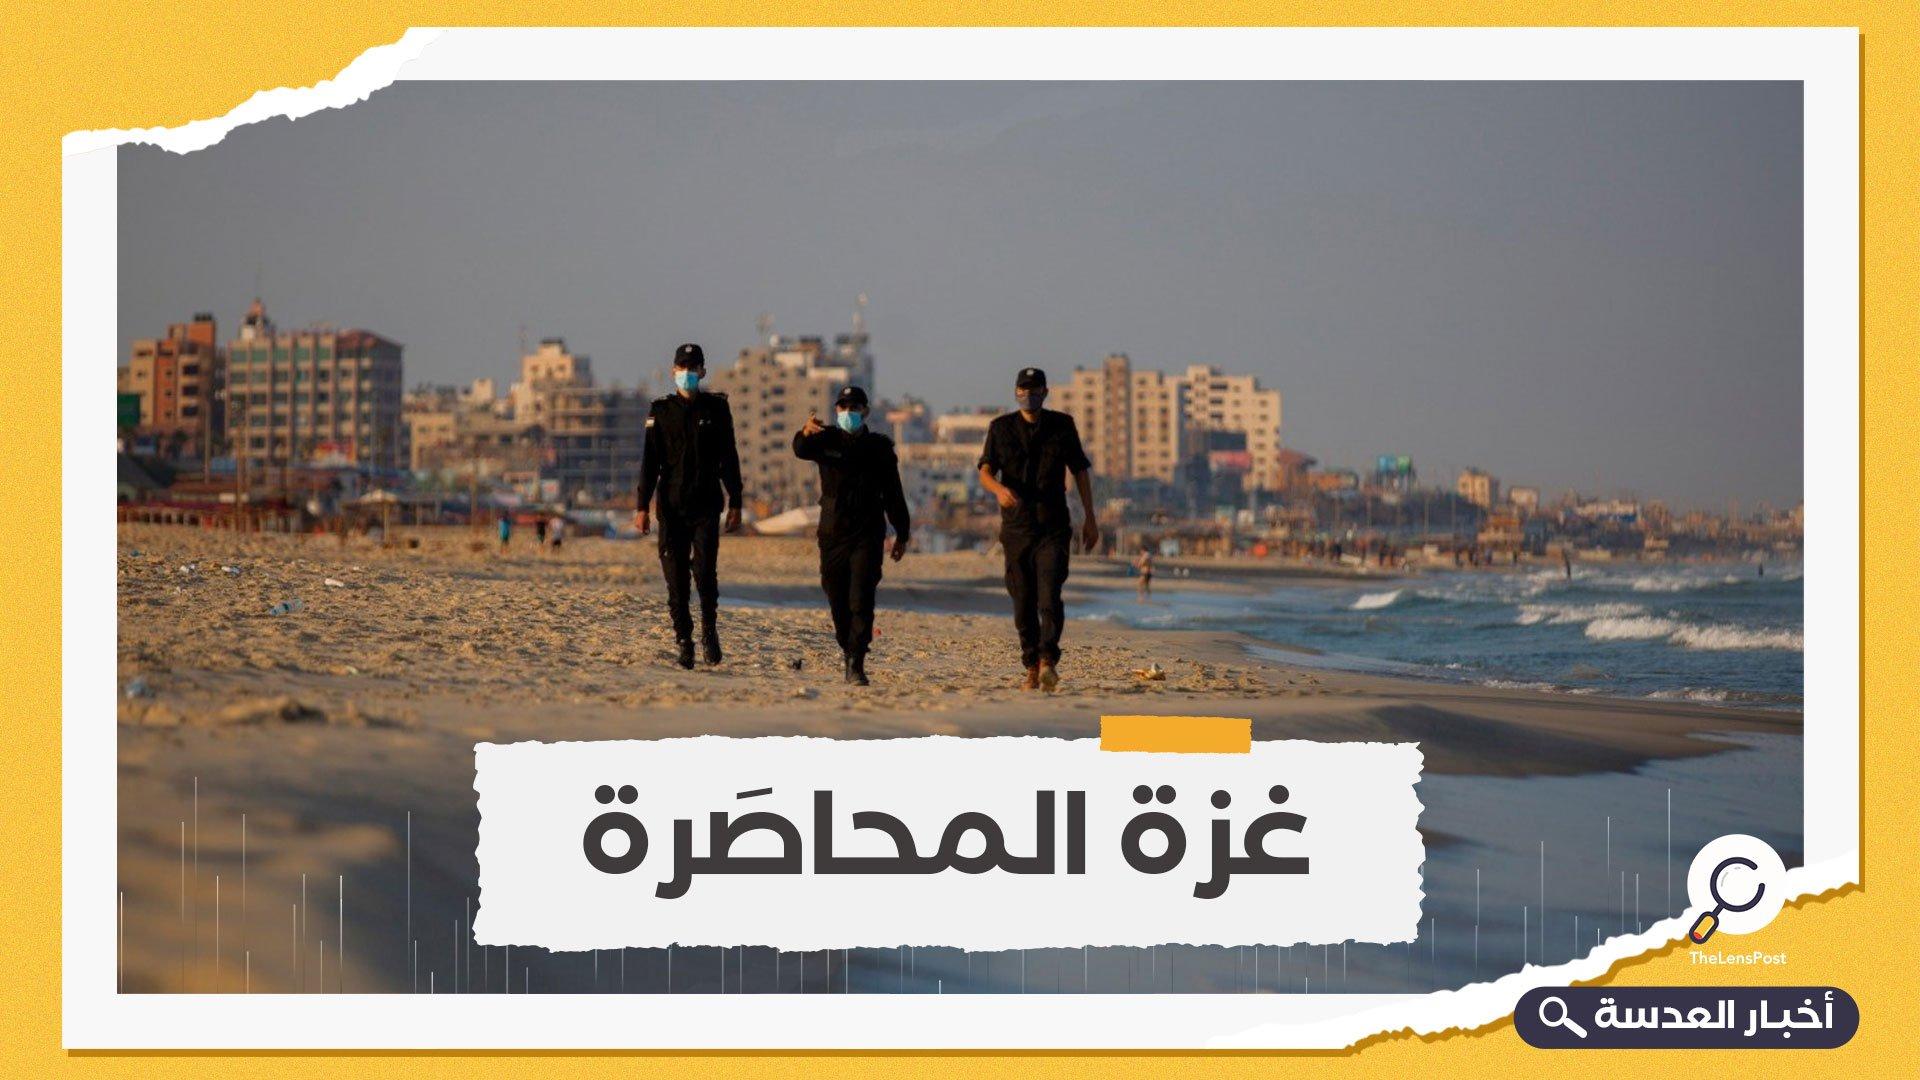 رغم الحصار.. حملة في غزة للبحث عن مصريين مفقودين بالبحر